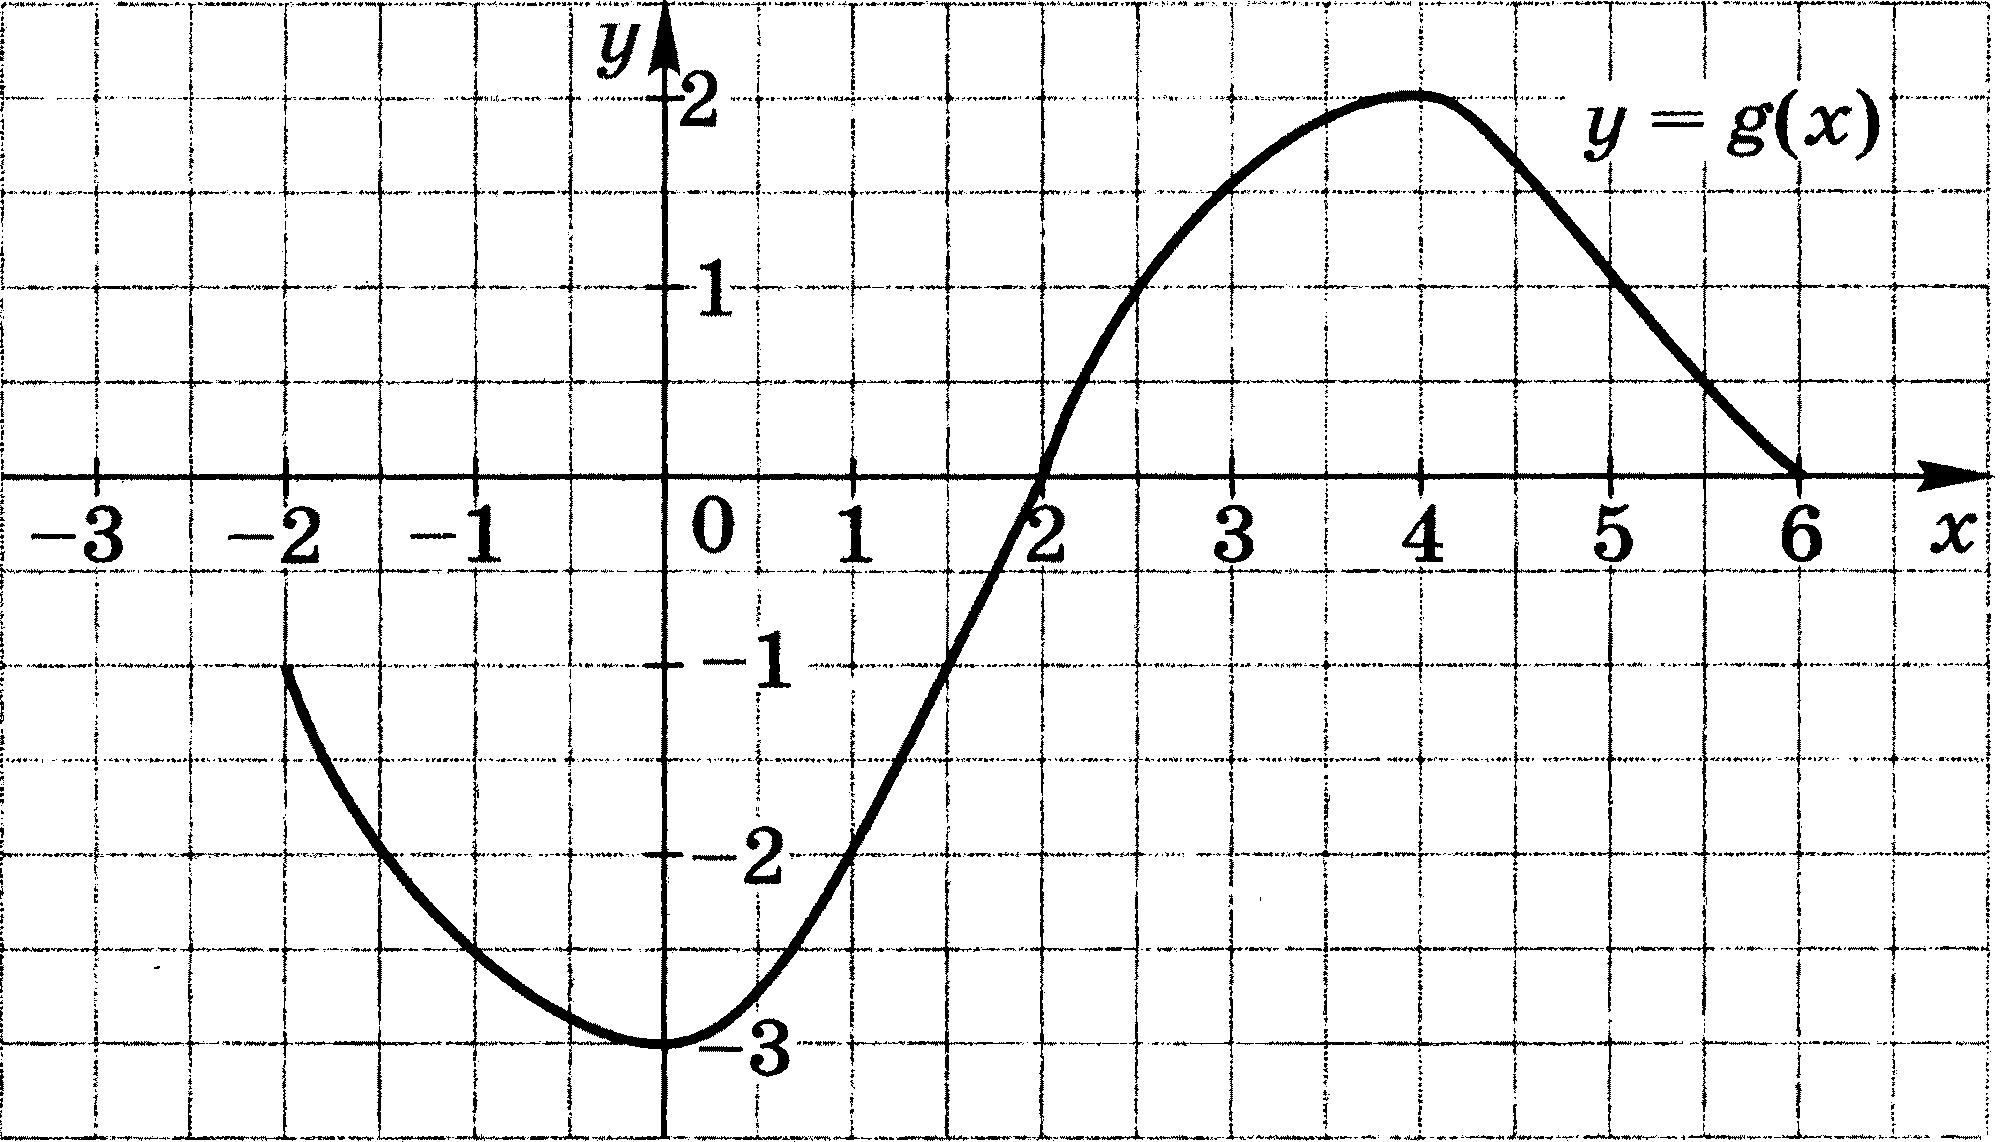 Урок Контрольная работа по алгебре № класс  Буфер обмена02